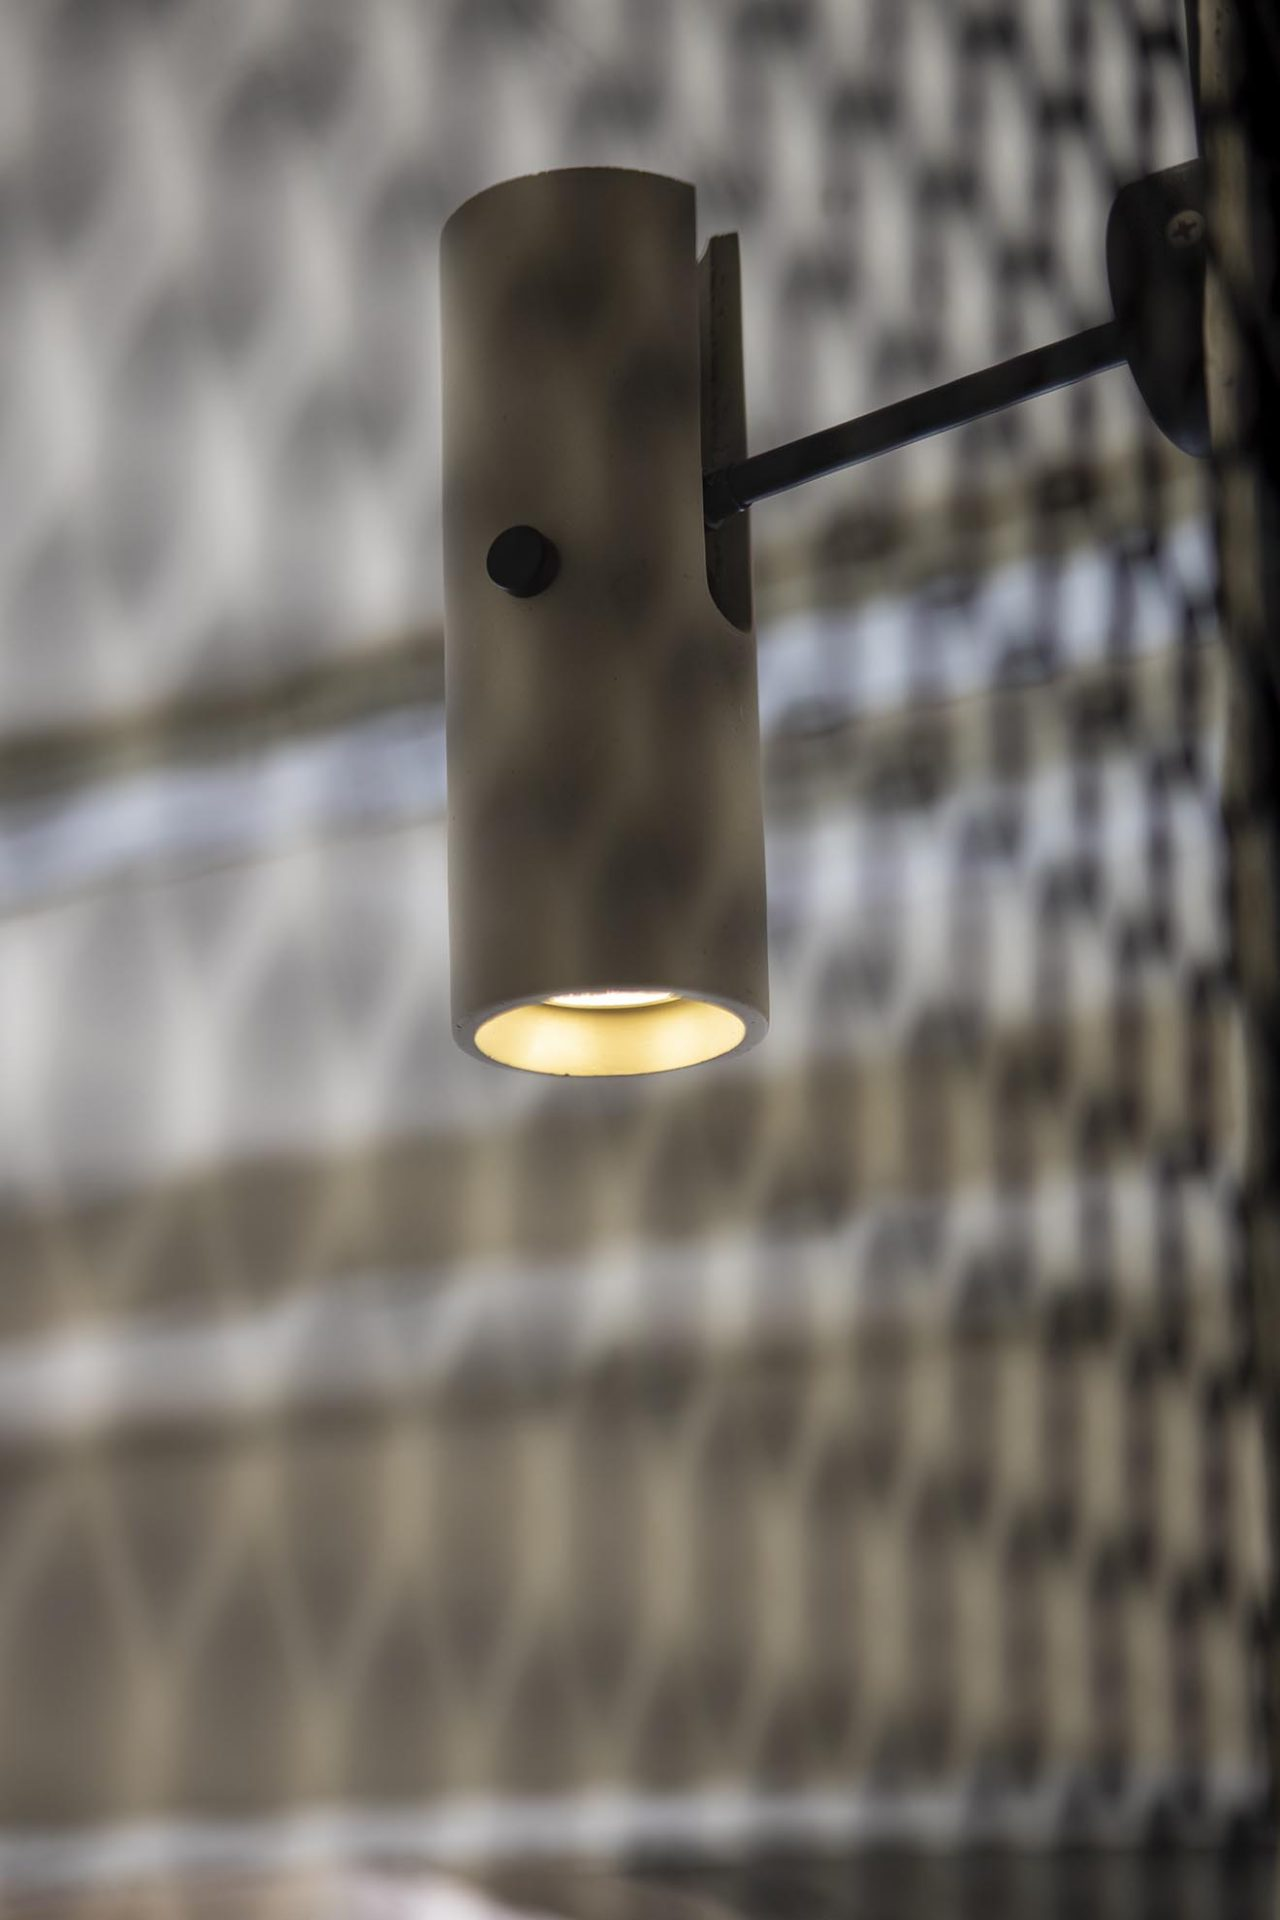 Serangoon Ave 2 entrance light